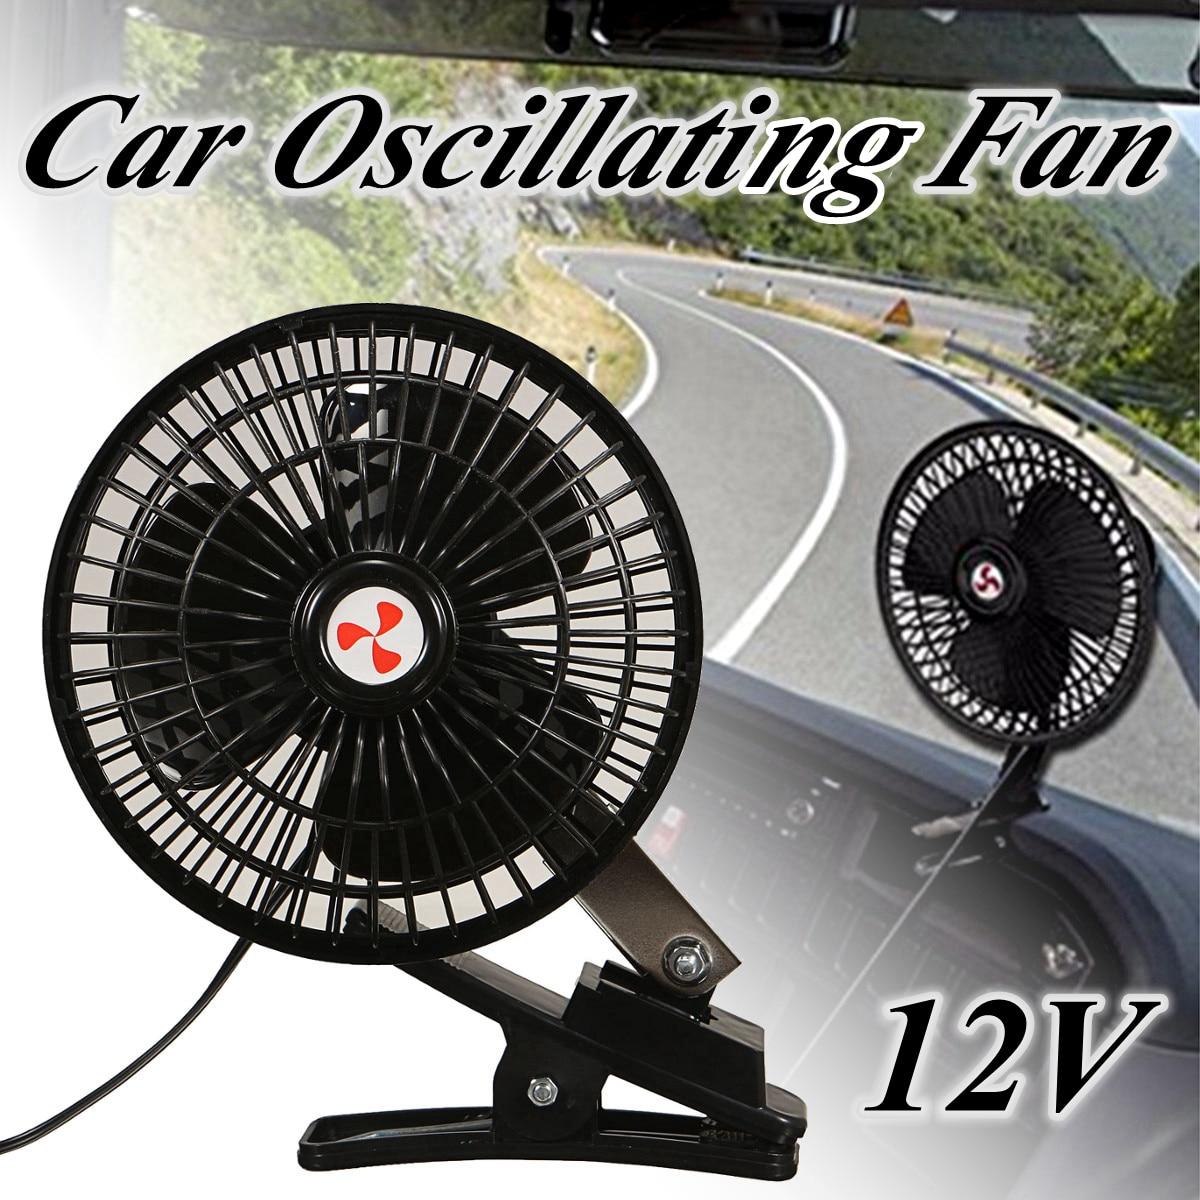 Rv Motor Home Boat Car Truck Portable 12 Volt Cooling Fan 2 Speeds Ventilation